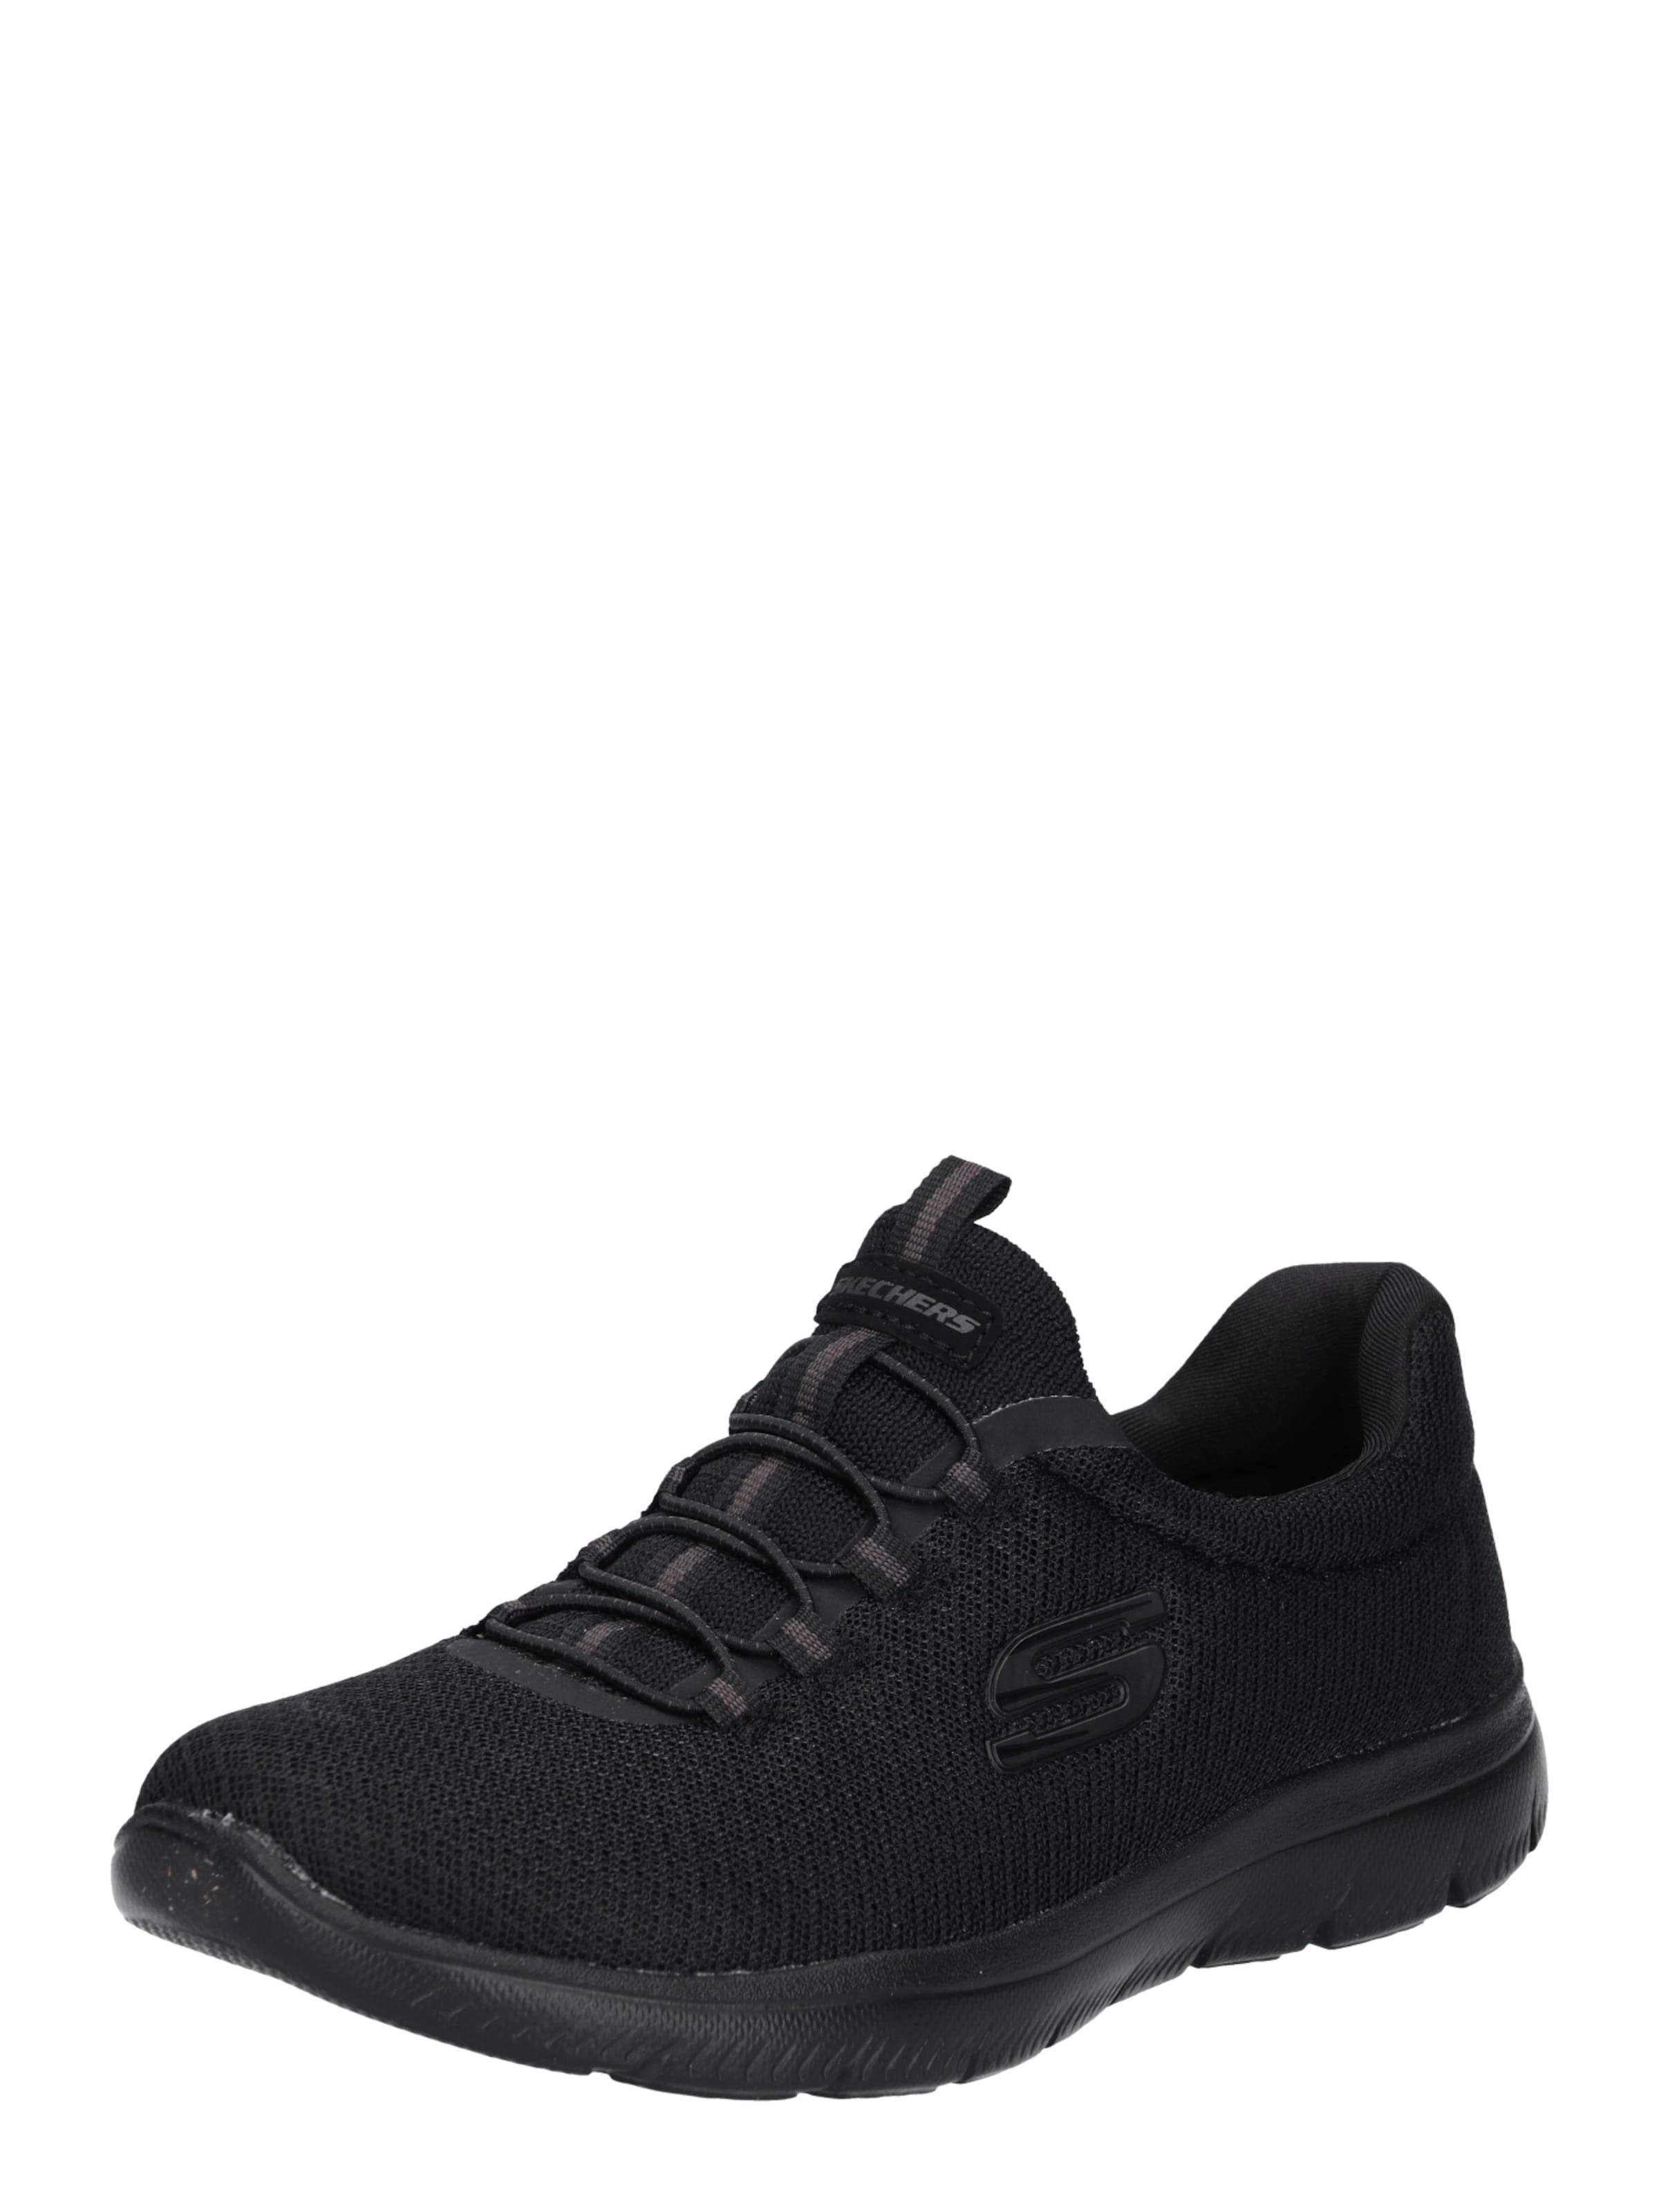 SKECHERS Sneakers laag Summits in Zwart Effen SKE0250001000007